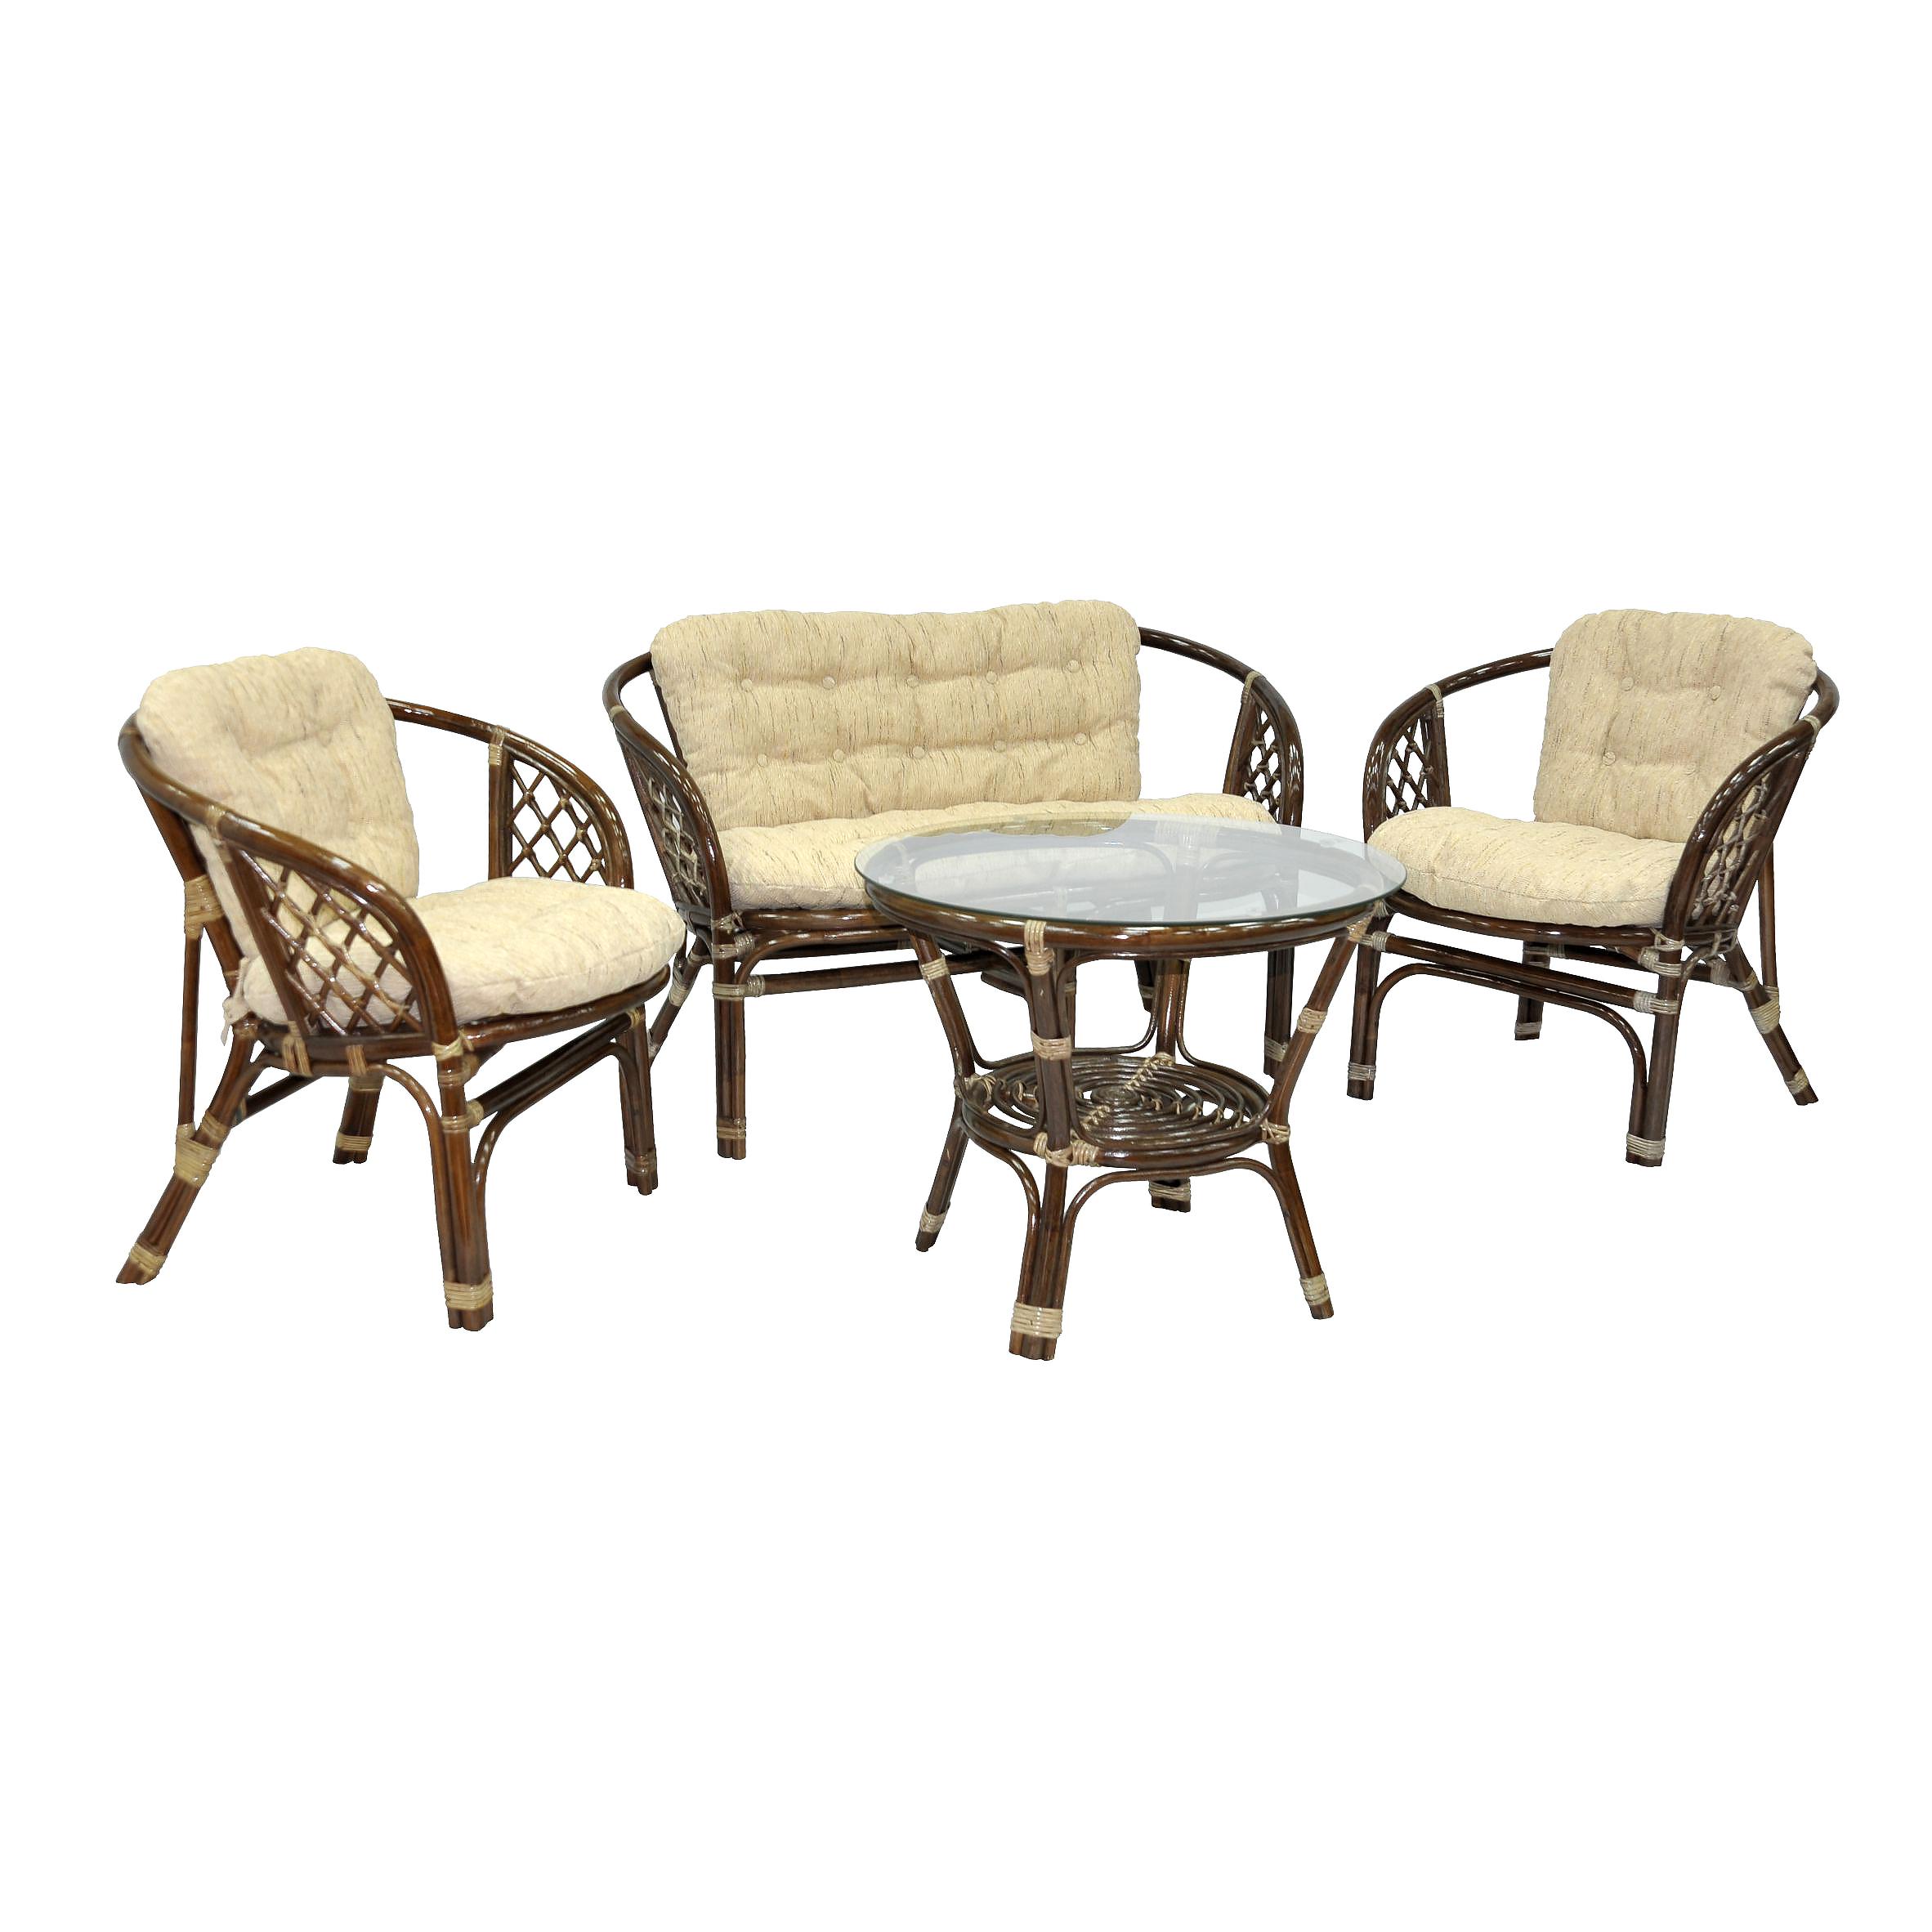 Комплект кофейный БагамаКомплекты уличной мебели<br>&amp;lt;span style=&amp;quot;line-height: 24.9999px;&amp;quot;&amp;gt;Преимуществом данного комплекта являются широкие и удобные кресла. В комплект входят два кресла, диван, мягкие подушки (на спинку и сидение), столик со стеклом на присосках.&amp;amp;nbsp;&amp;lt;/span&amp;gt;&amp;lt;div style=&amp;quot;line-height: 24.9999px;&amp;quot;&amp;gt;&amp;lt;br&amp;gt;&amp;lt;/div&amp;gt;&amp;lt;div style=&amp;quot;line-height: 24.9999px;&amp;quot;&amp;gt;Материал каркаса: натуральный ротанг&amp;lt;/div&amp;gt;&amp;lt;div style=&amp;quot;line-height: 24.9999px;&amp;quot;&amp;gt;Цвет: коричневый&amp;lt;/div&amp;gt;&amp;lt;div style=&amp;quot;line-height: 24.9999px;&amp;quot;&amp;gt;Мягкая обивка/подушка: ткань рогожка&amp;lt;/div&amp;gt;&amp;lt;div style=&amp;quot;line-height: 24.9999px;&amp;quot;&amp;gt;Размер: столик со стеклом 68х56х68 см, кресло 72х65х75 см, диван 120х65х75 см&amp;amp;nbsp;&amp;lt;/div&amp;gt;&amp;lt;div style=&amp;quot;line-height: 24.9999px;&amp;quot;&amp;gt;Выдерживаемая нагрузка, кг: 90&amp;lt;/div&amp;gt;<br><br>Material: Ротанг<br>Width см: 120<br>Depth см: 65<br>Height см: 75